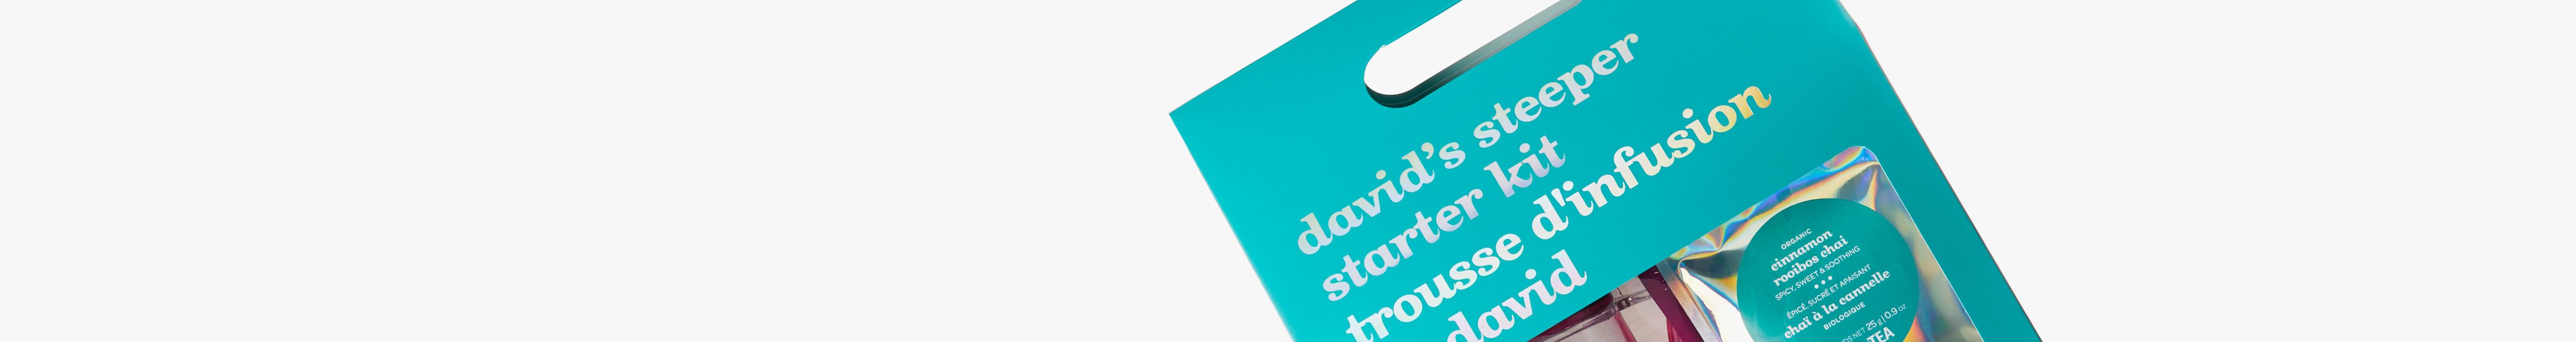 La trousse d'infusion de David sur un fond blanc.